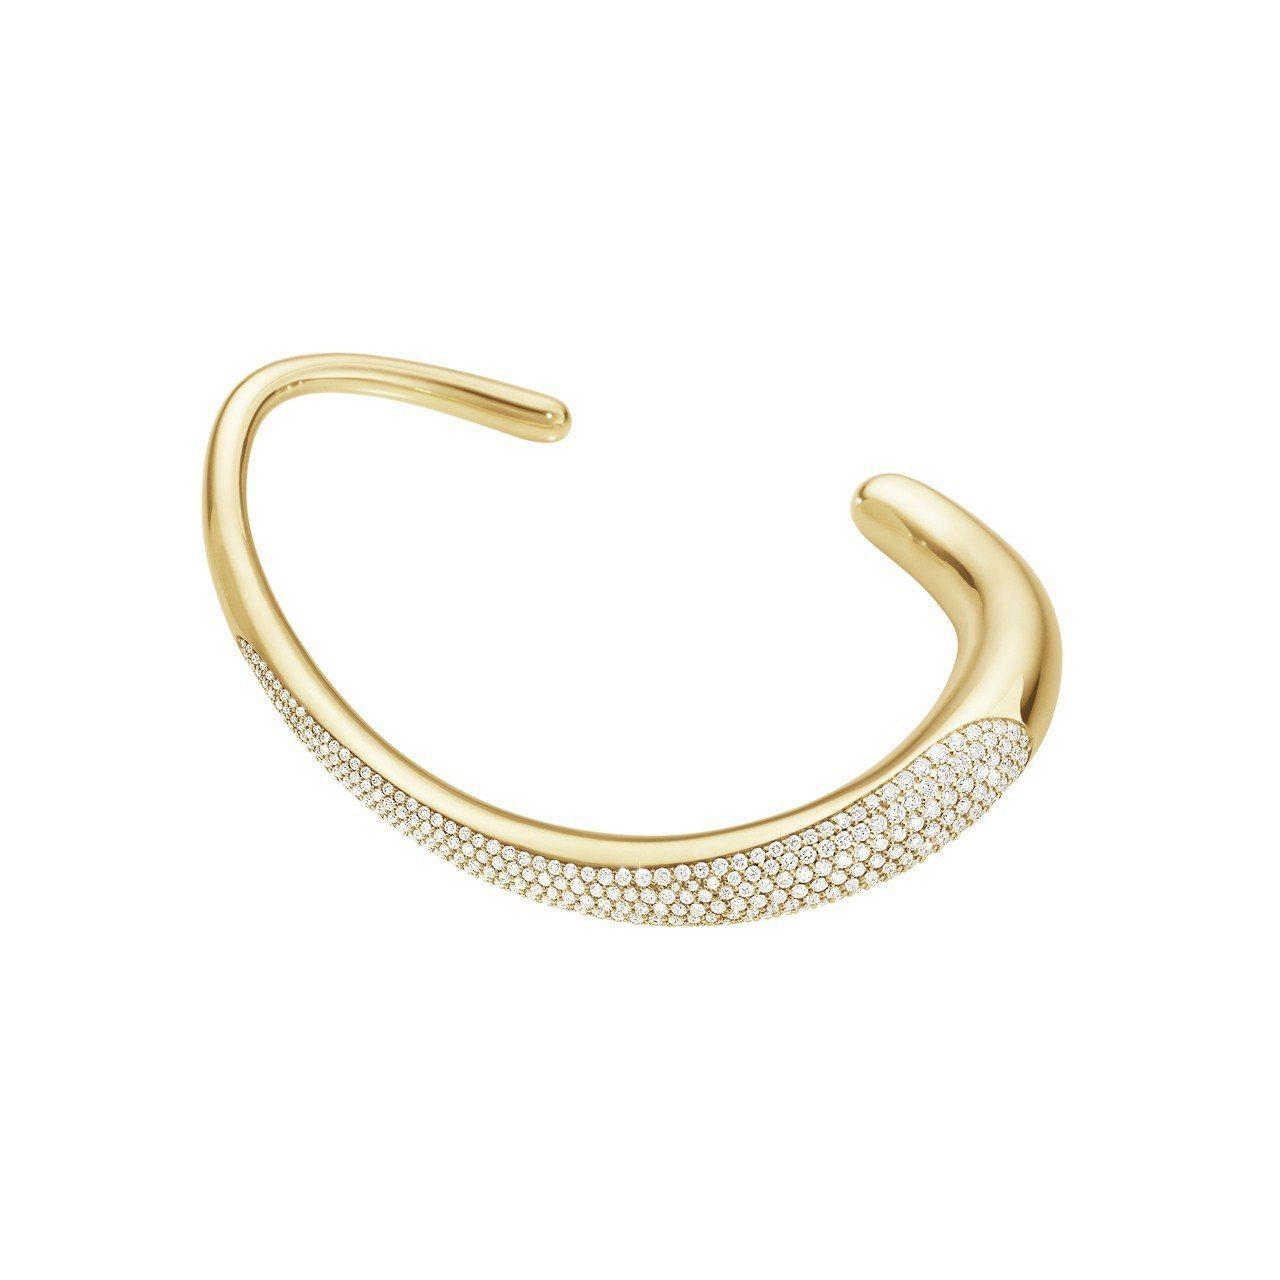 GEORG JENSEN巡迴珠寶OFFSPRING系列18K黃金鋪砌式鑲工美鑽手...